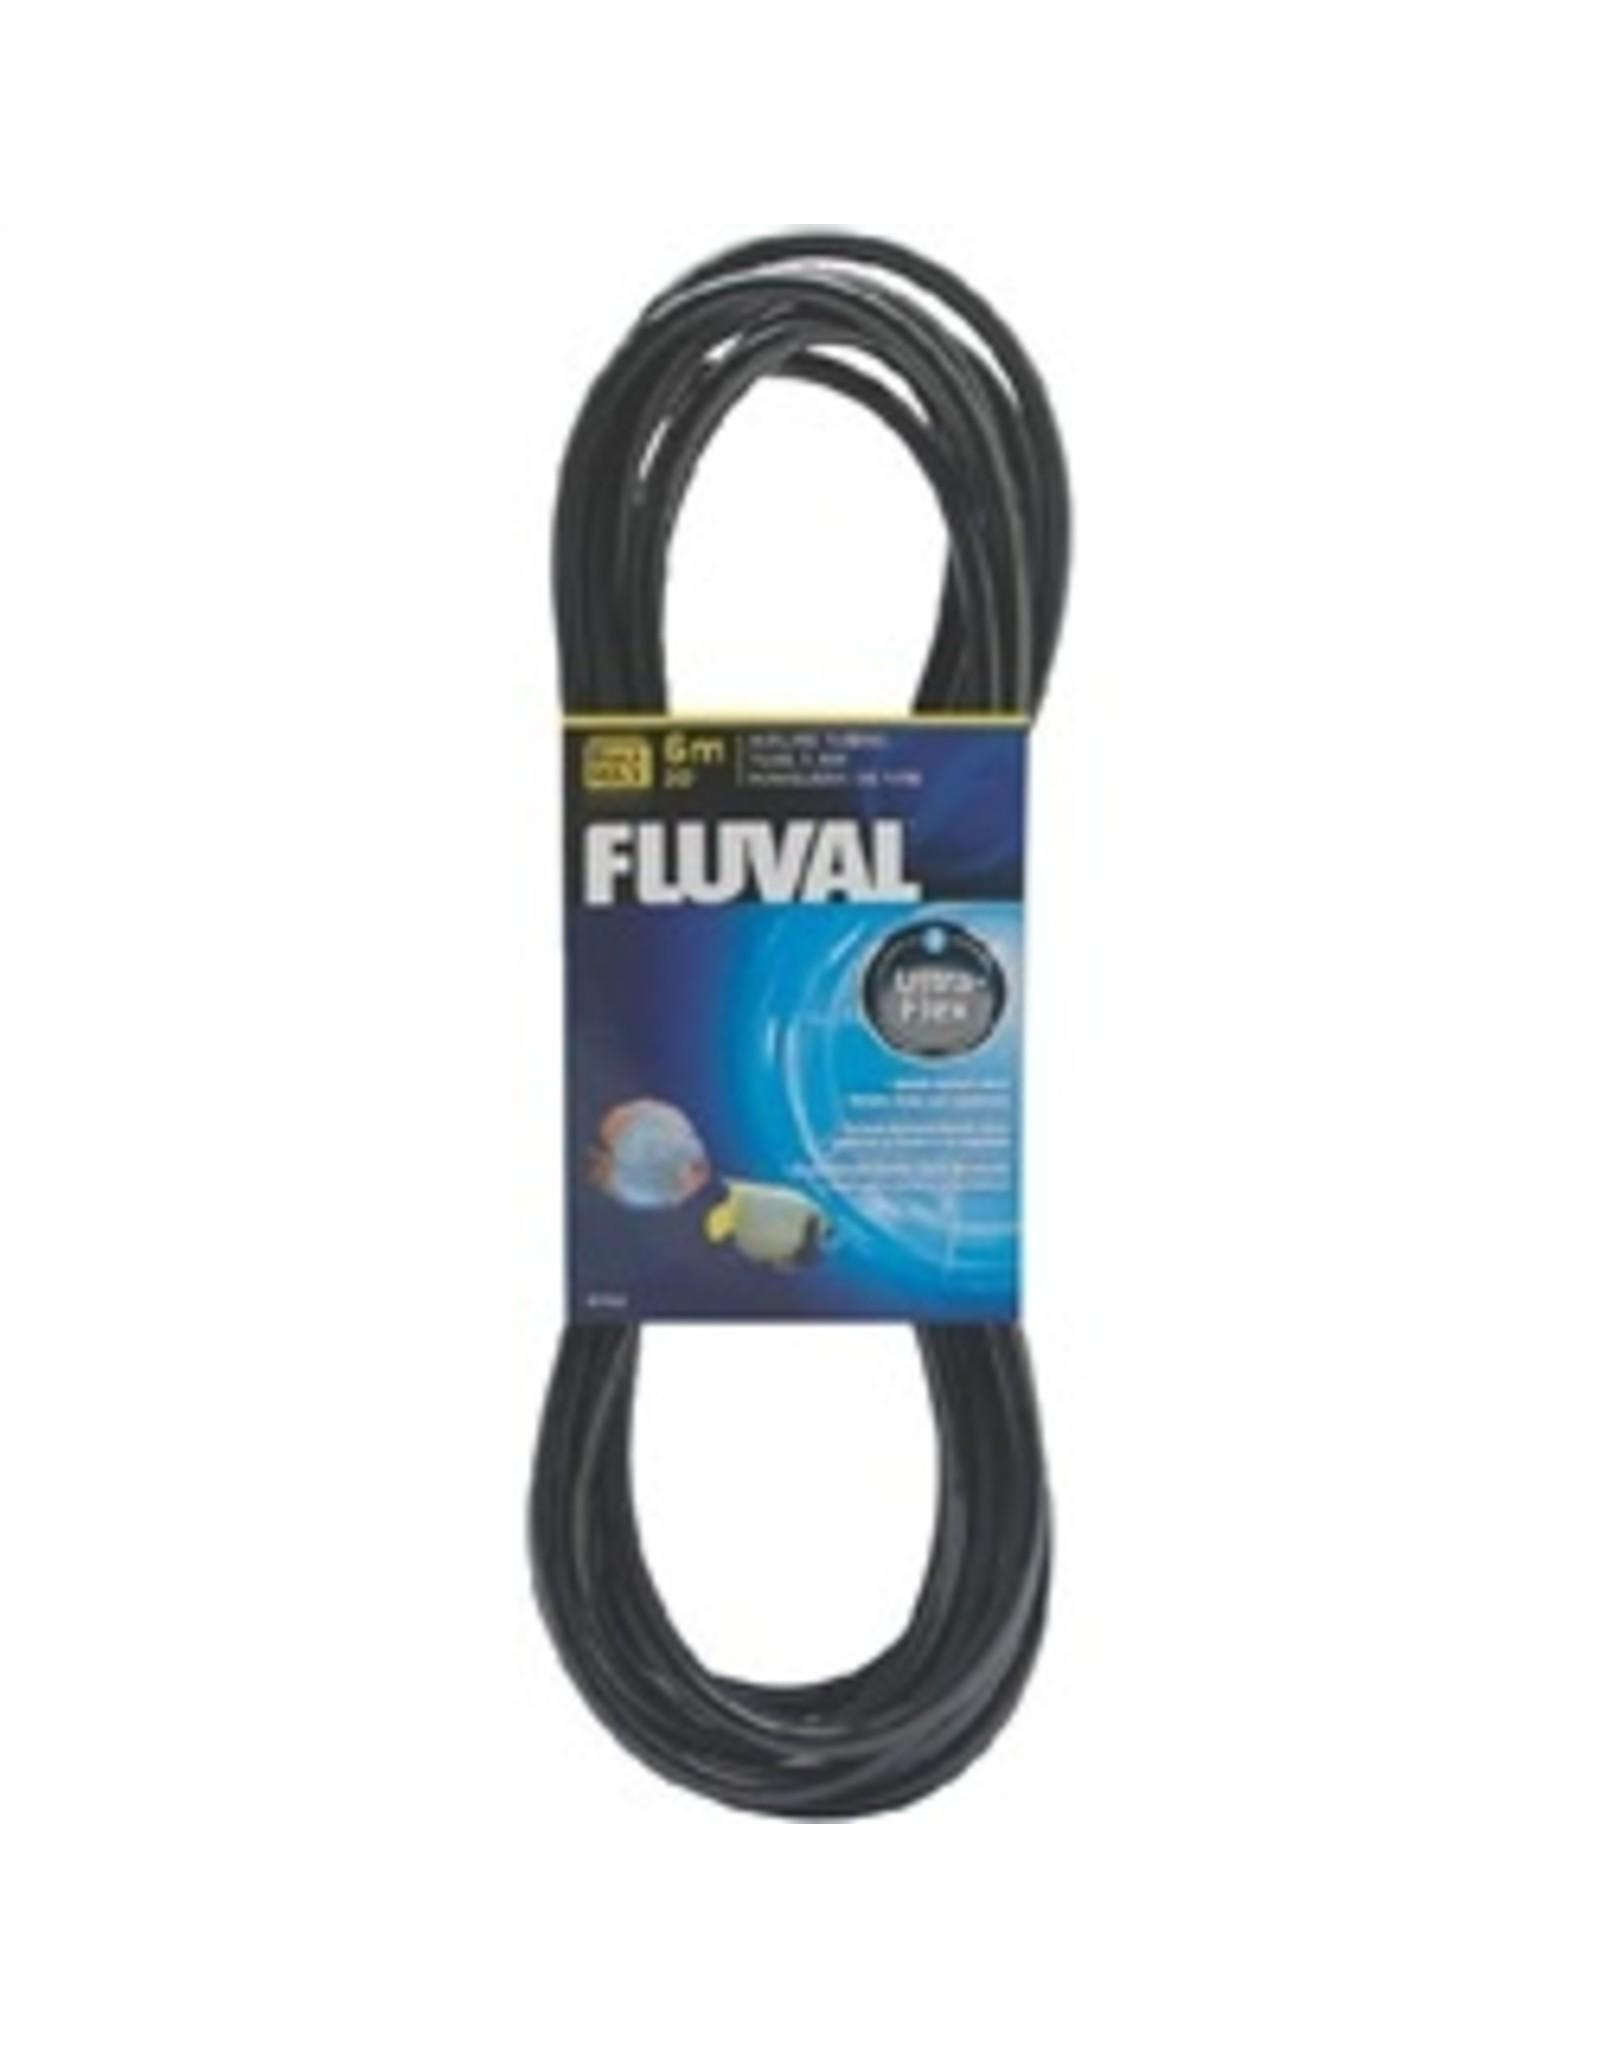 FL - Fluval FLUVAL AIRLINE TUBING 6M BLK